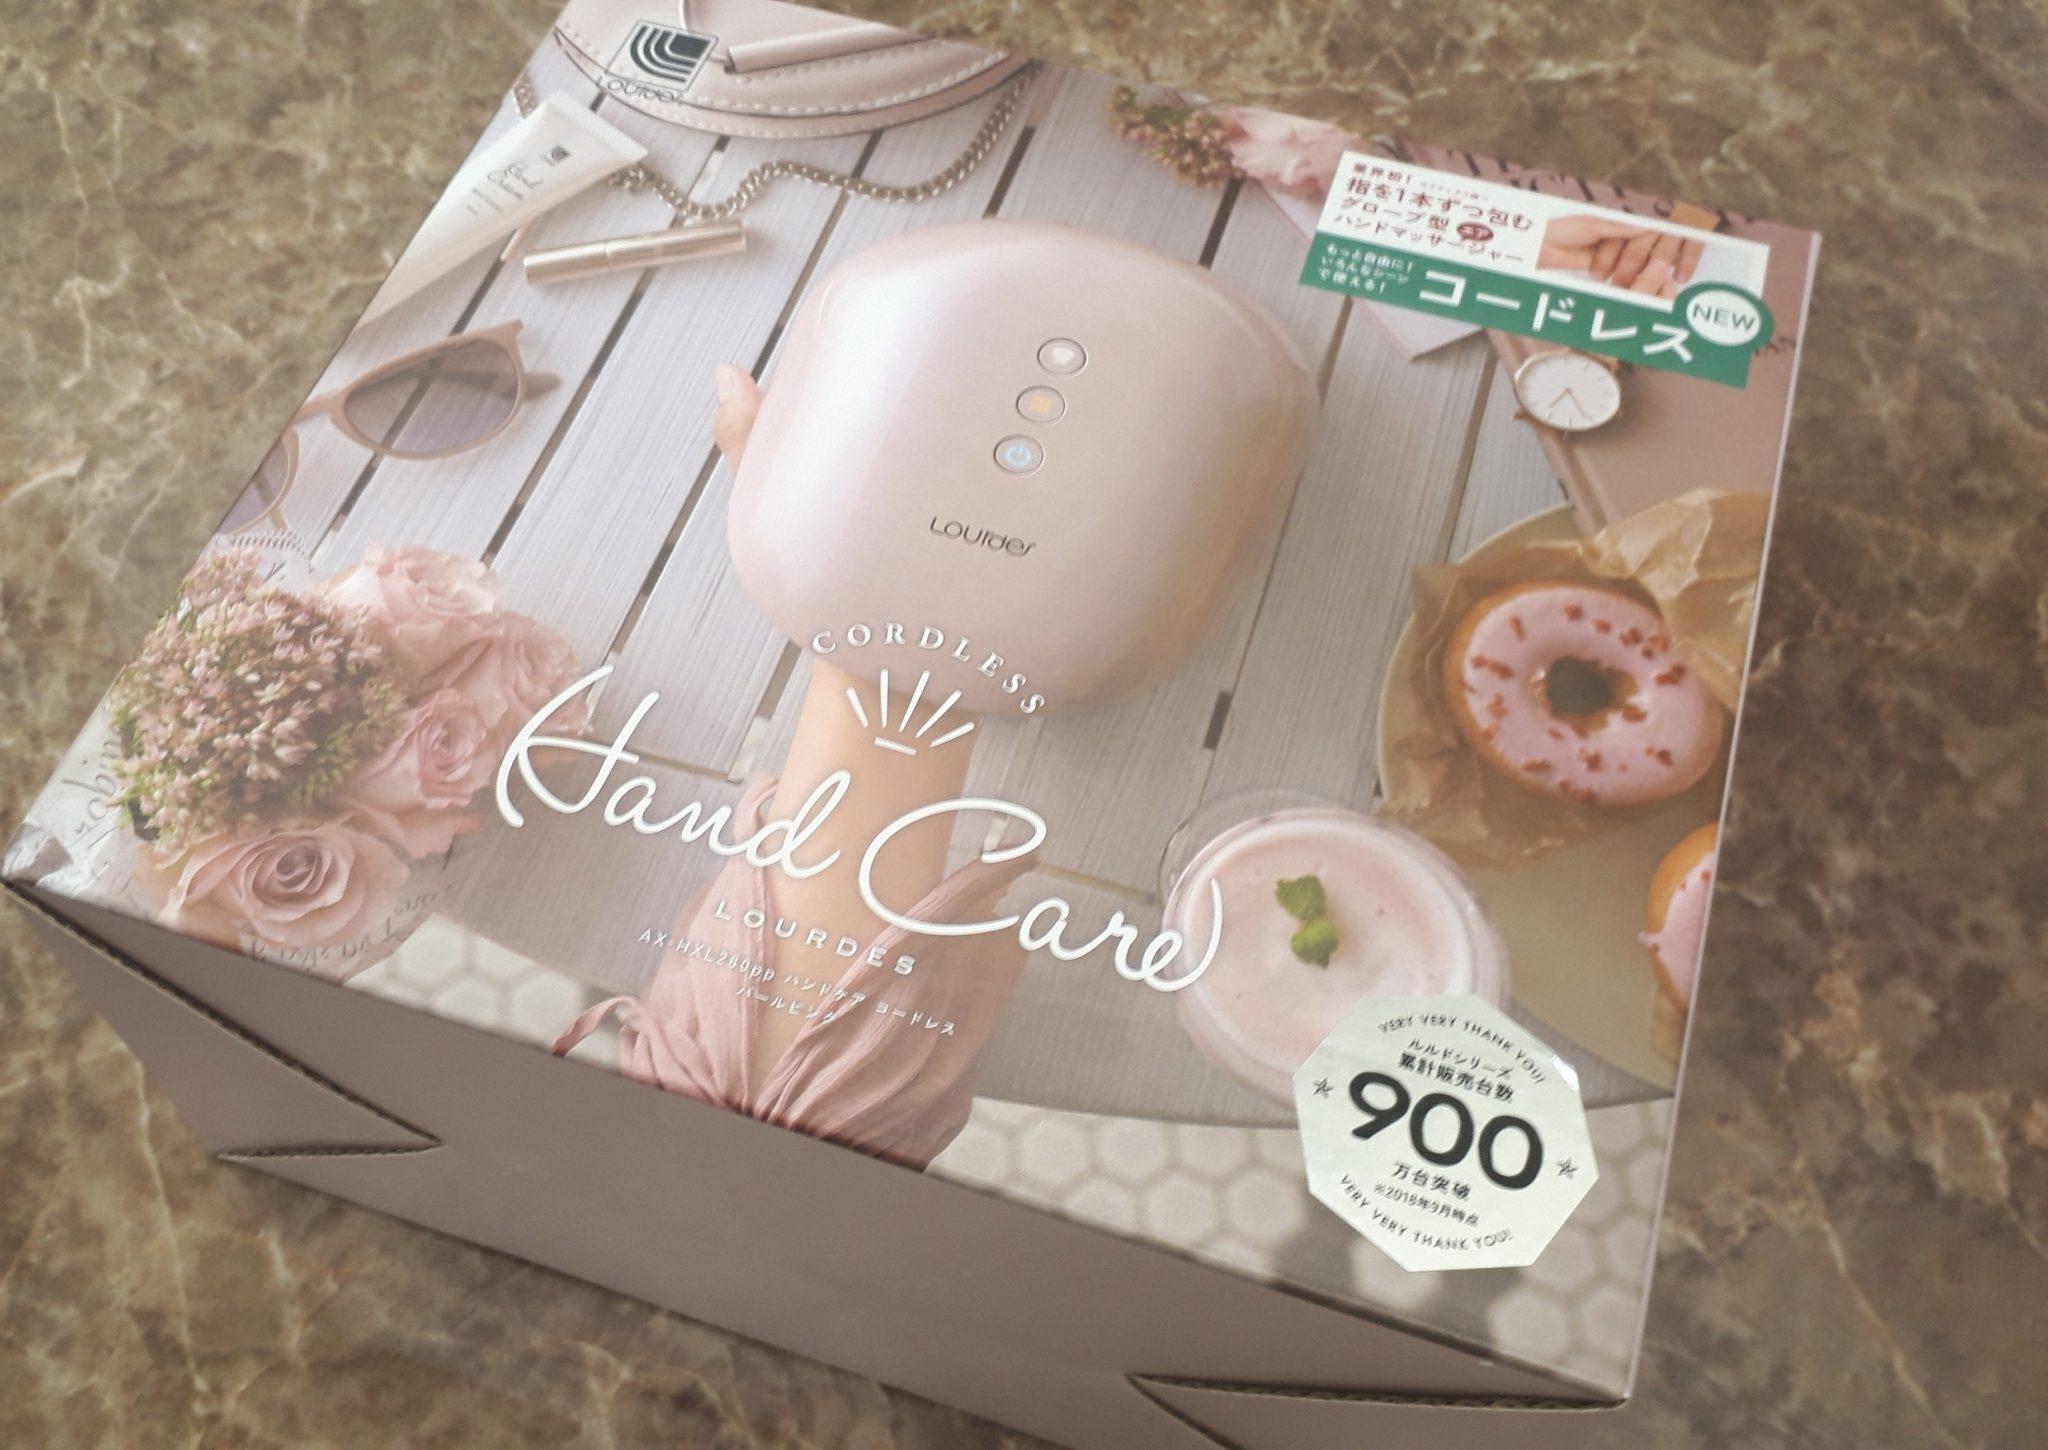 【LOUREDS ルルド AX-HXL280PP コードレスハンドケア】を盛岡市のお客様よりお買取させていただきました!